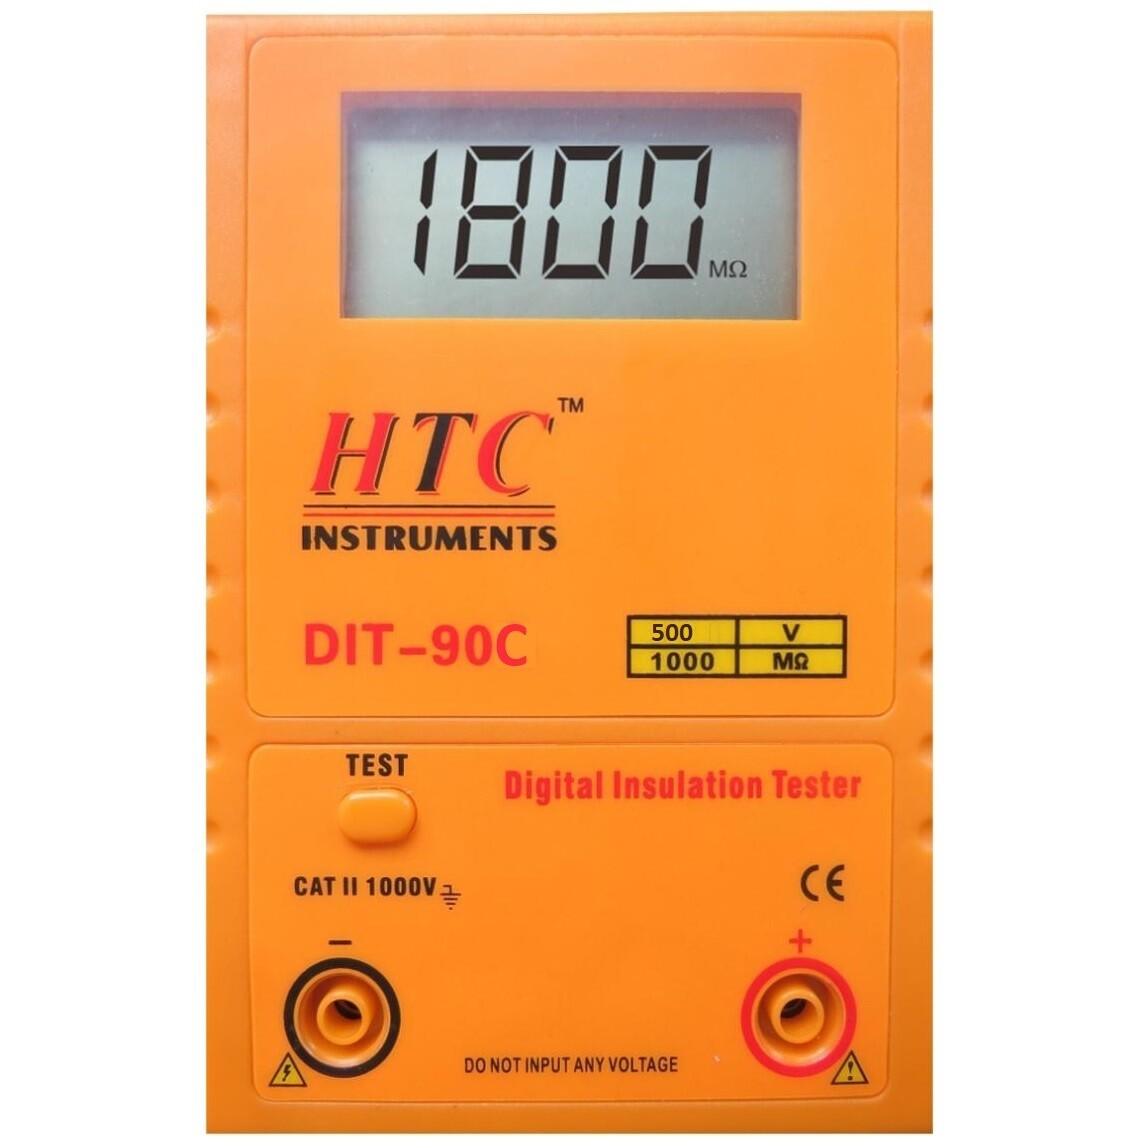 HTC DIT-90C Digital Insulation Tester 500V - 1000MOhms